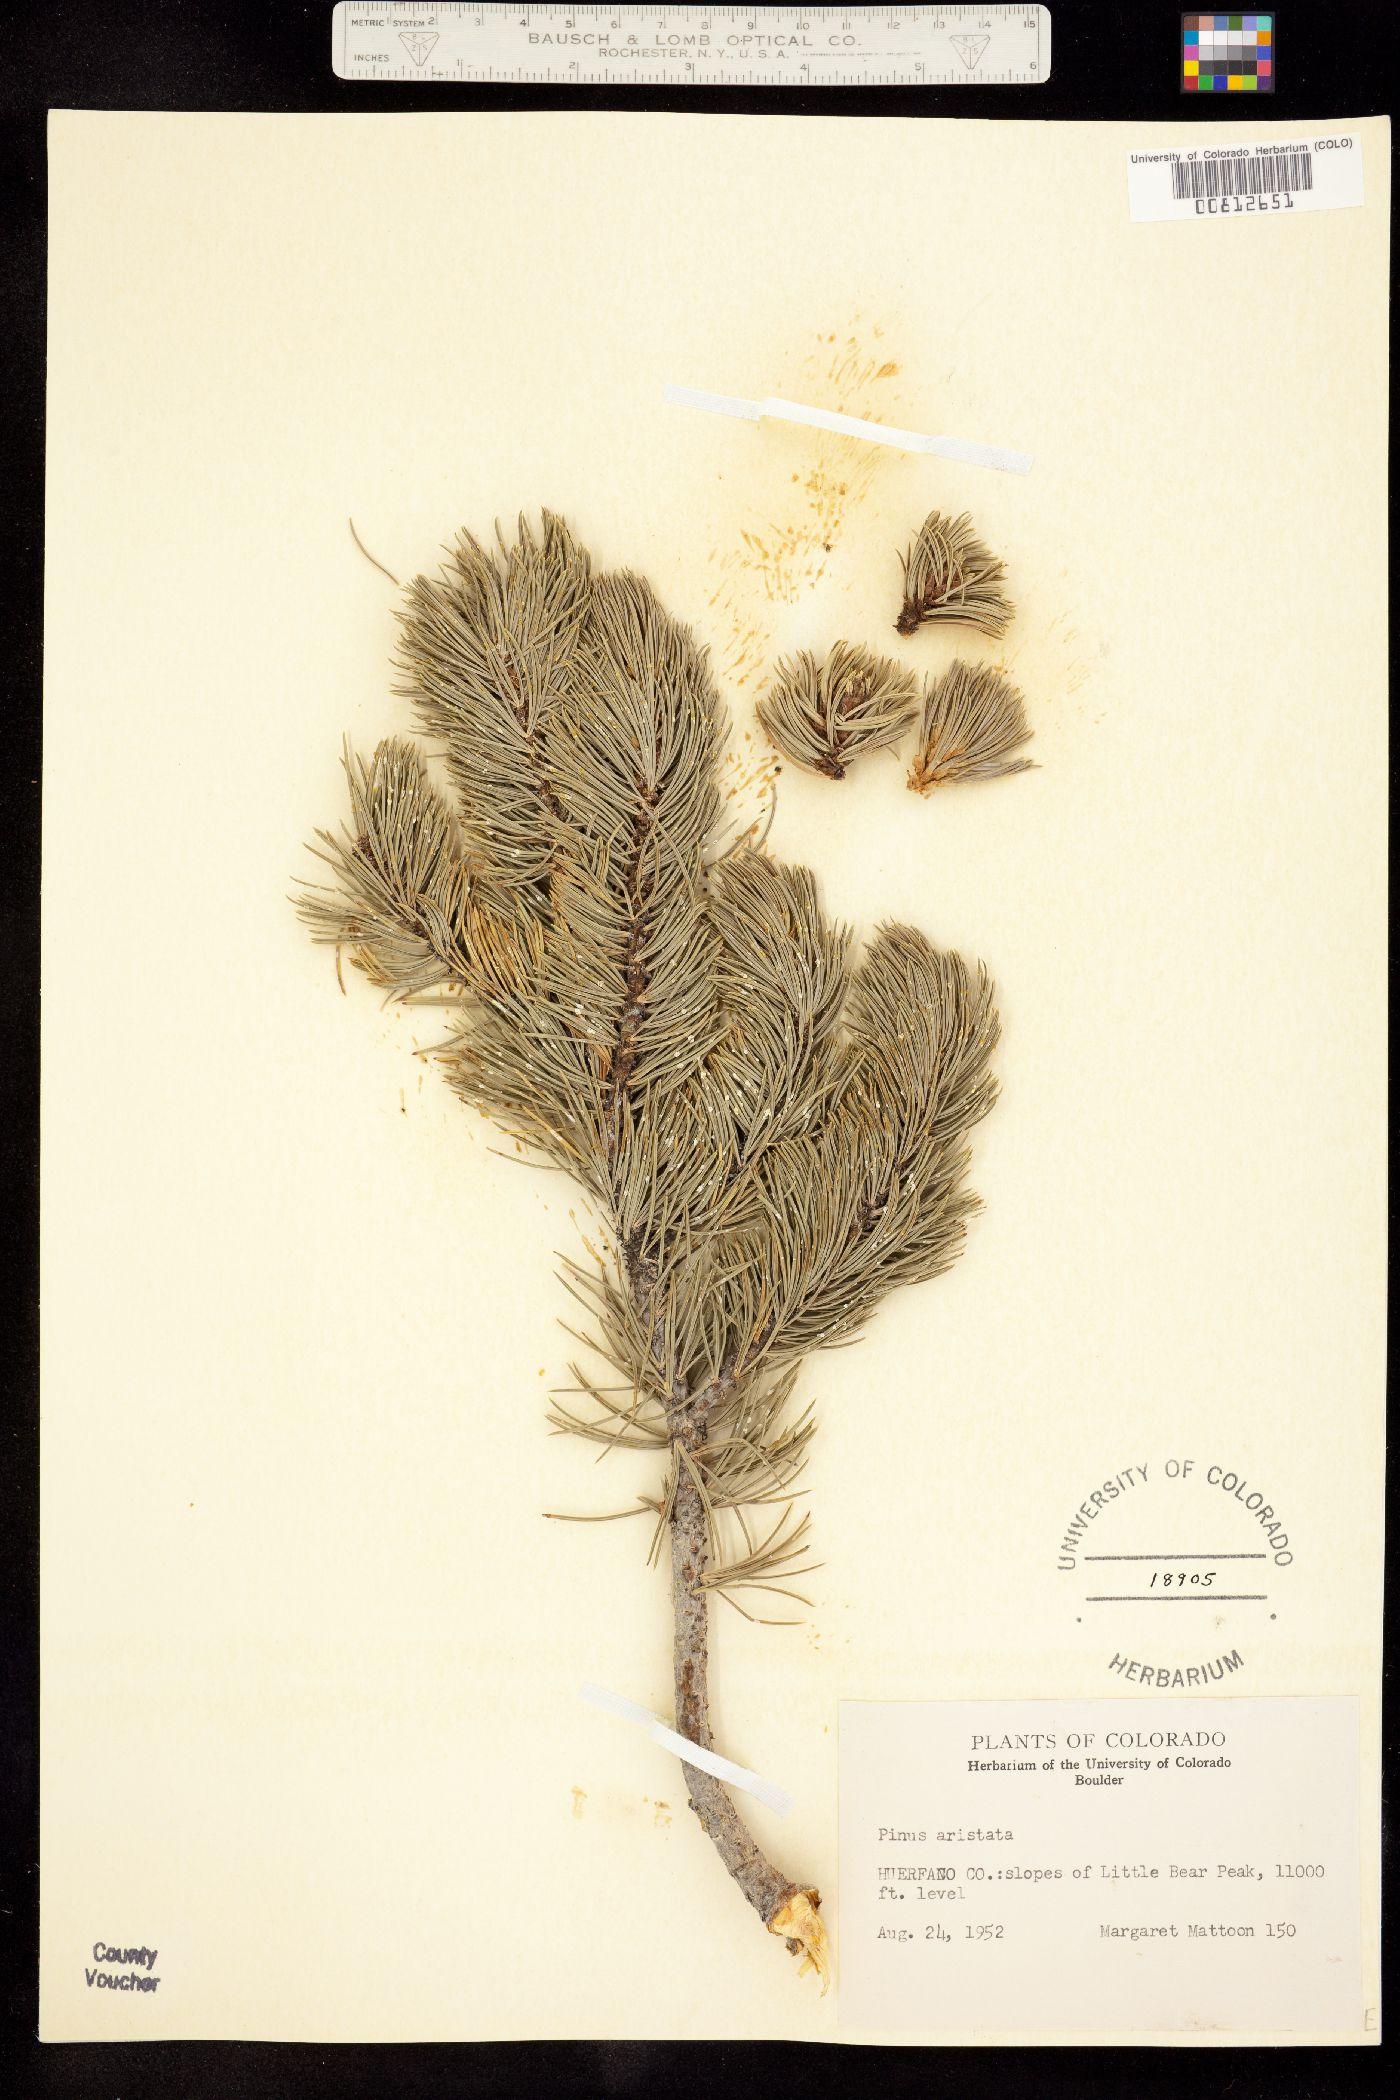 Pinus image